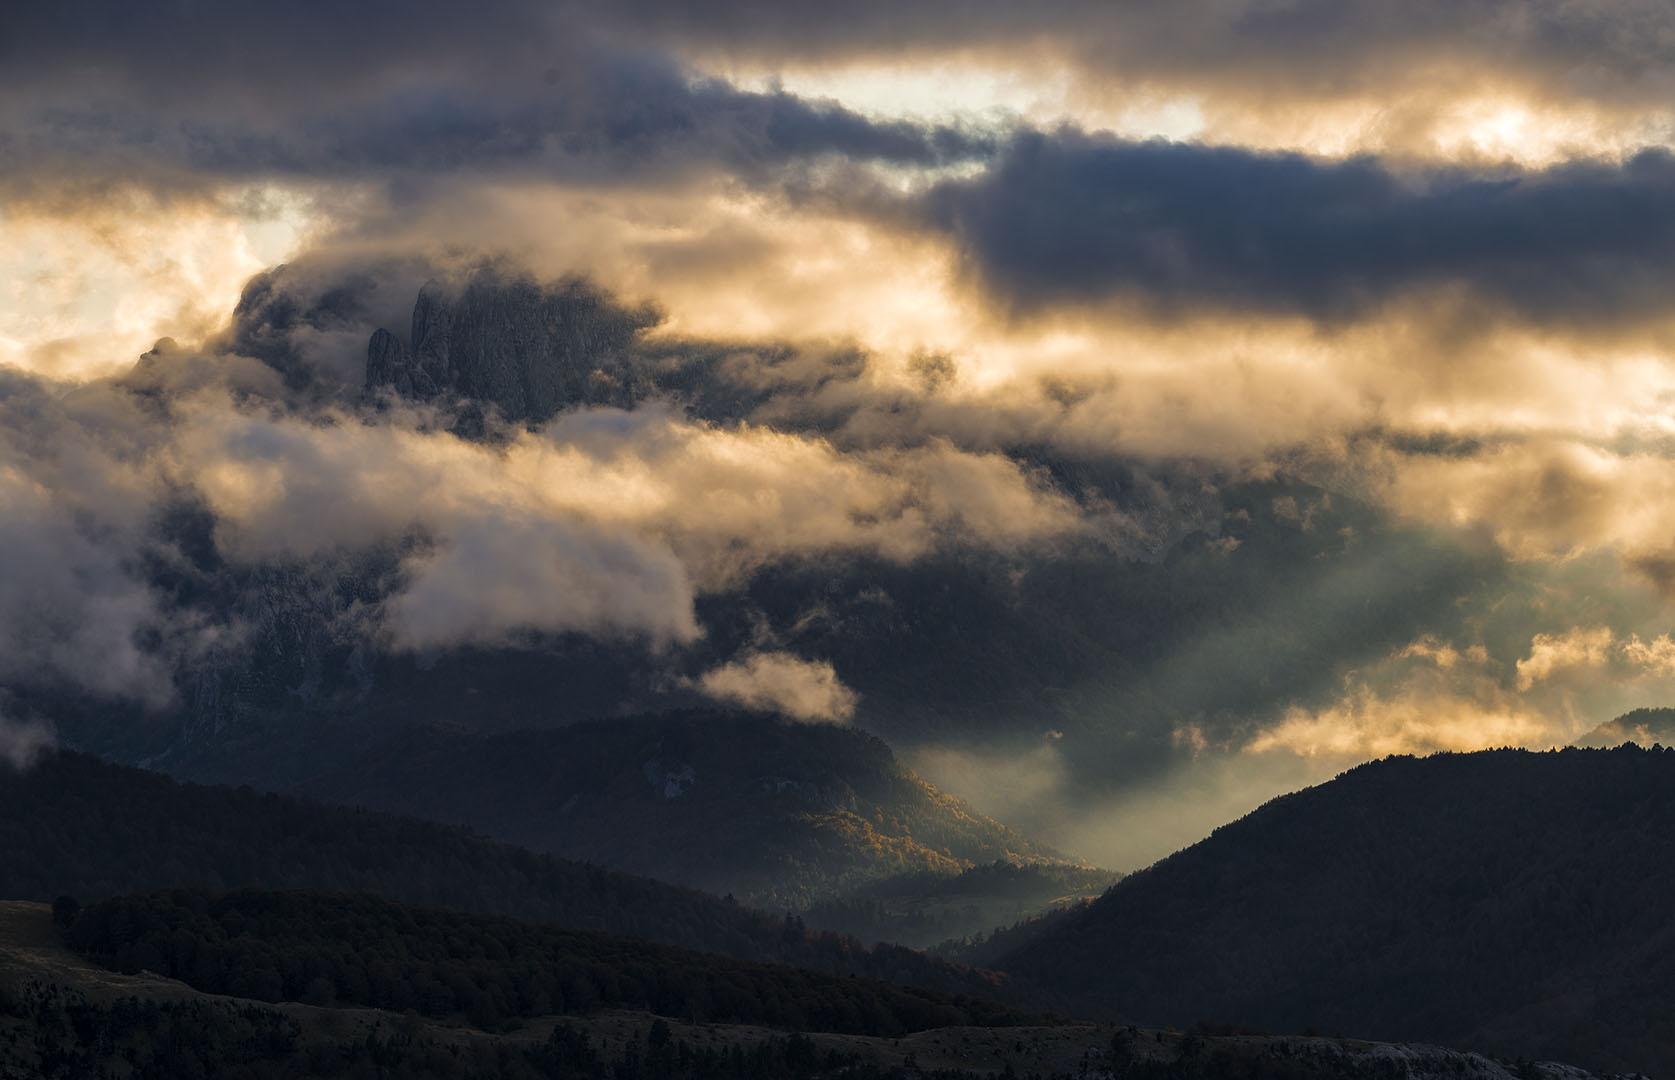 A los pies de Ezkaurre - Archivo - Iñaki Larrea, Fotografía de naturaleza y montaña